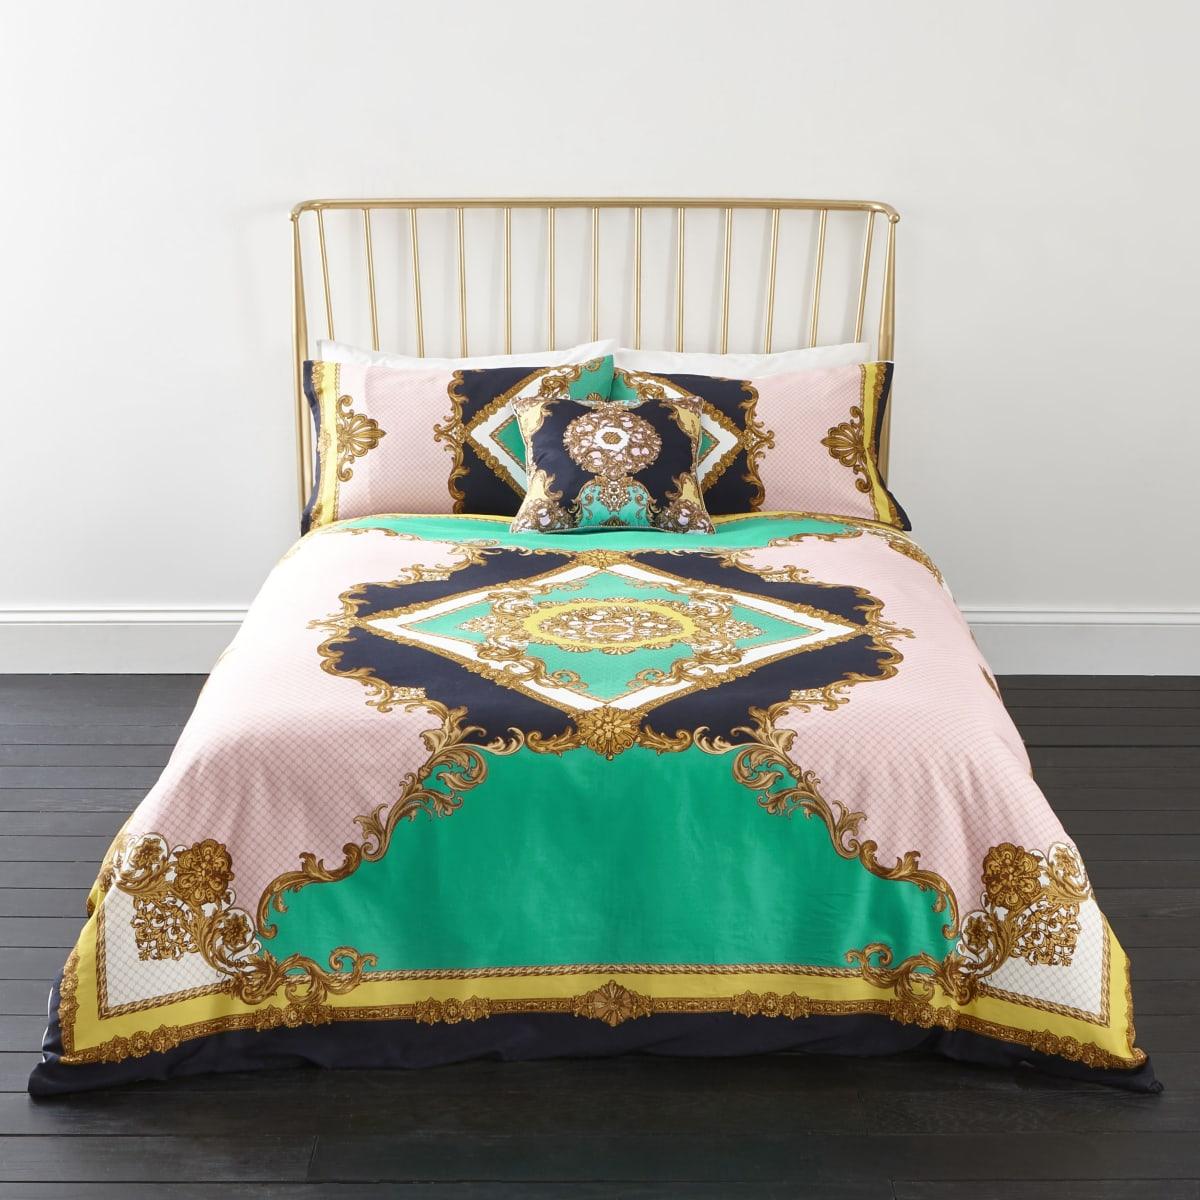 Türkise Kingsize-Bettdeckenbezüge mit Print